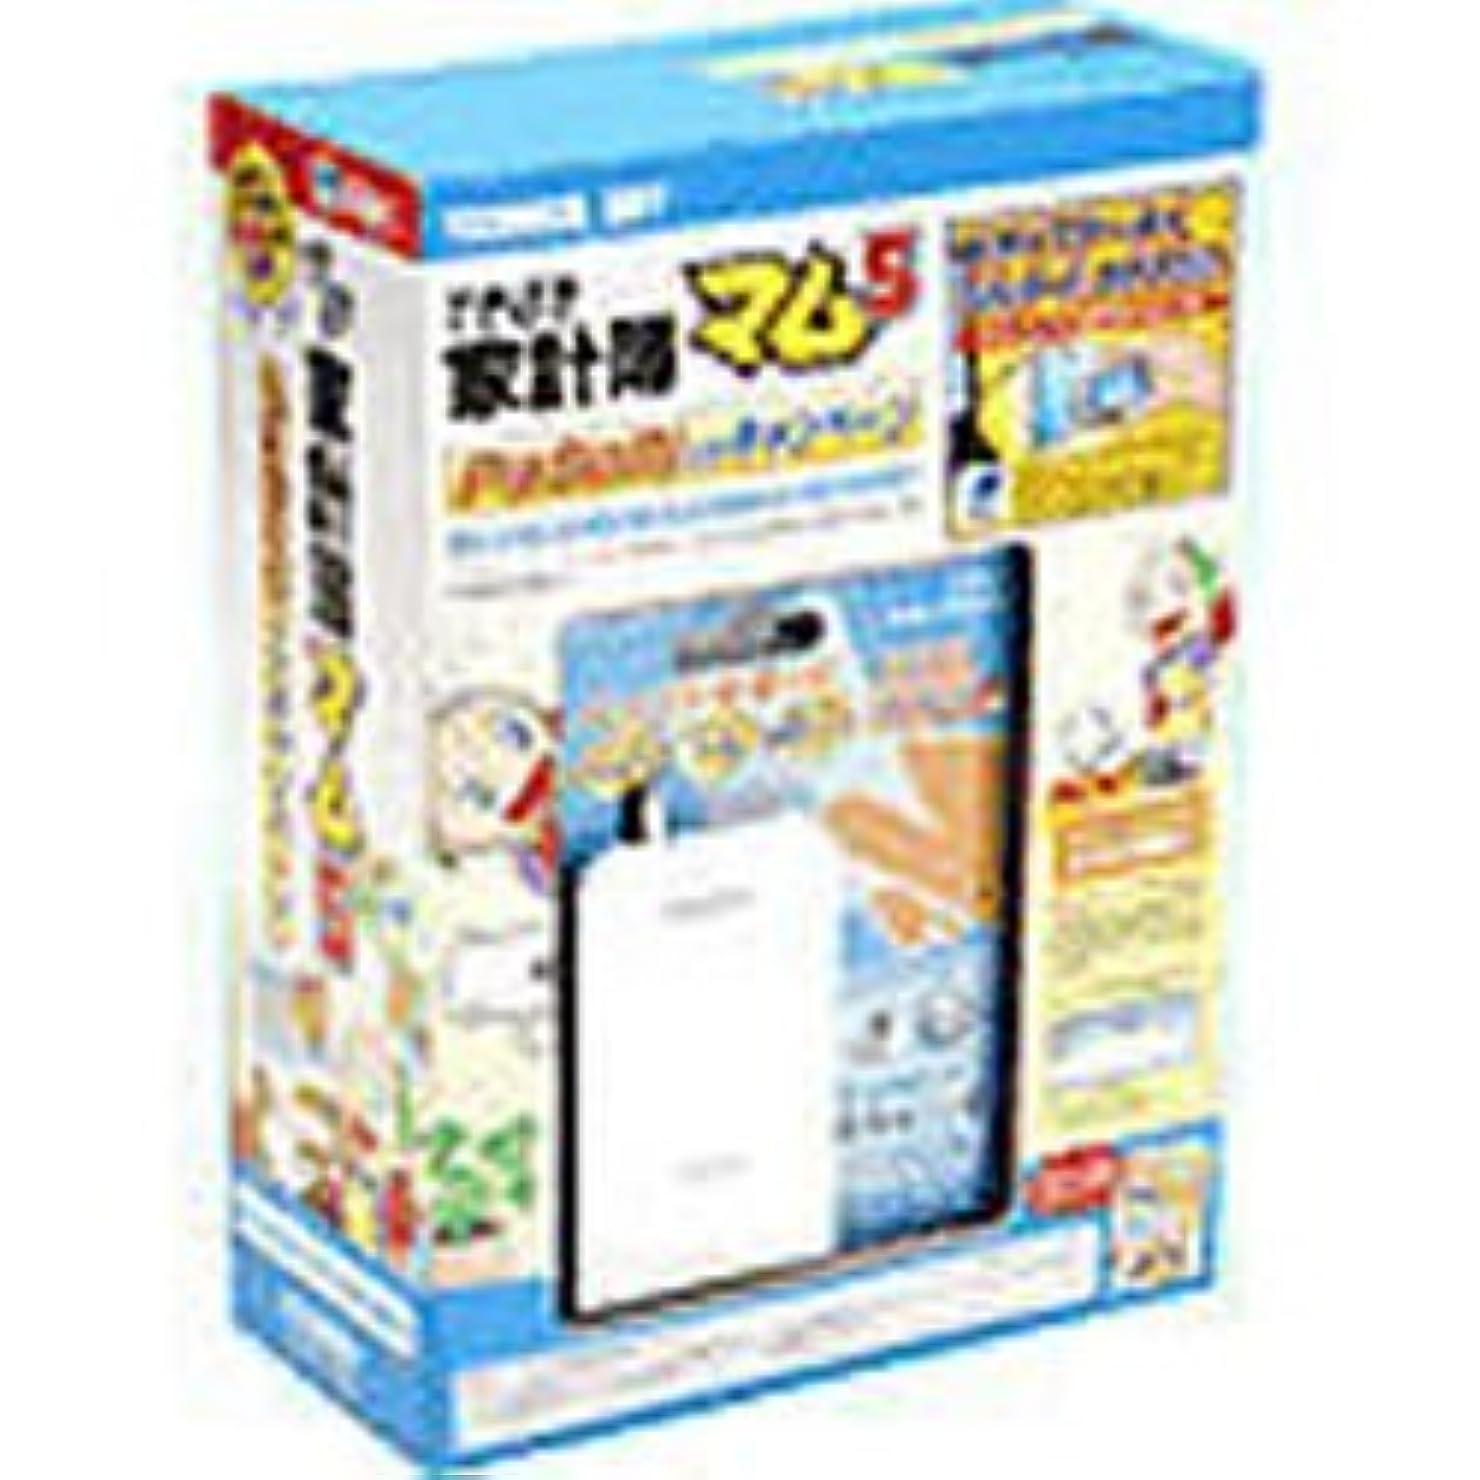 てきぱき家計簿 マム5 PaSoRi付きキャンペーン